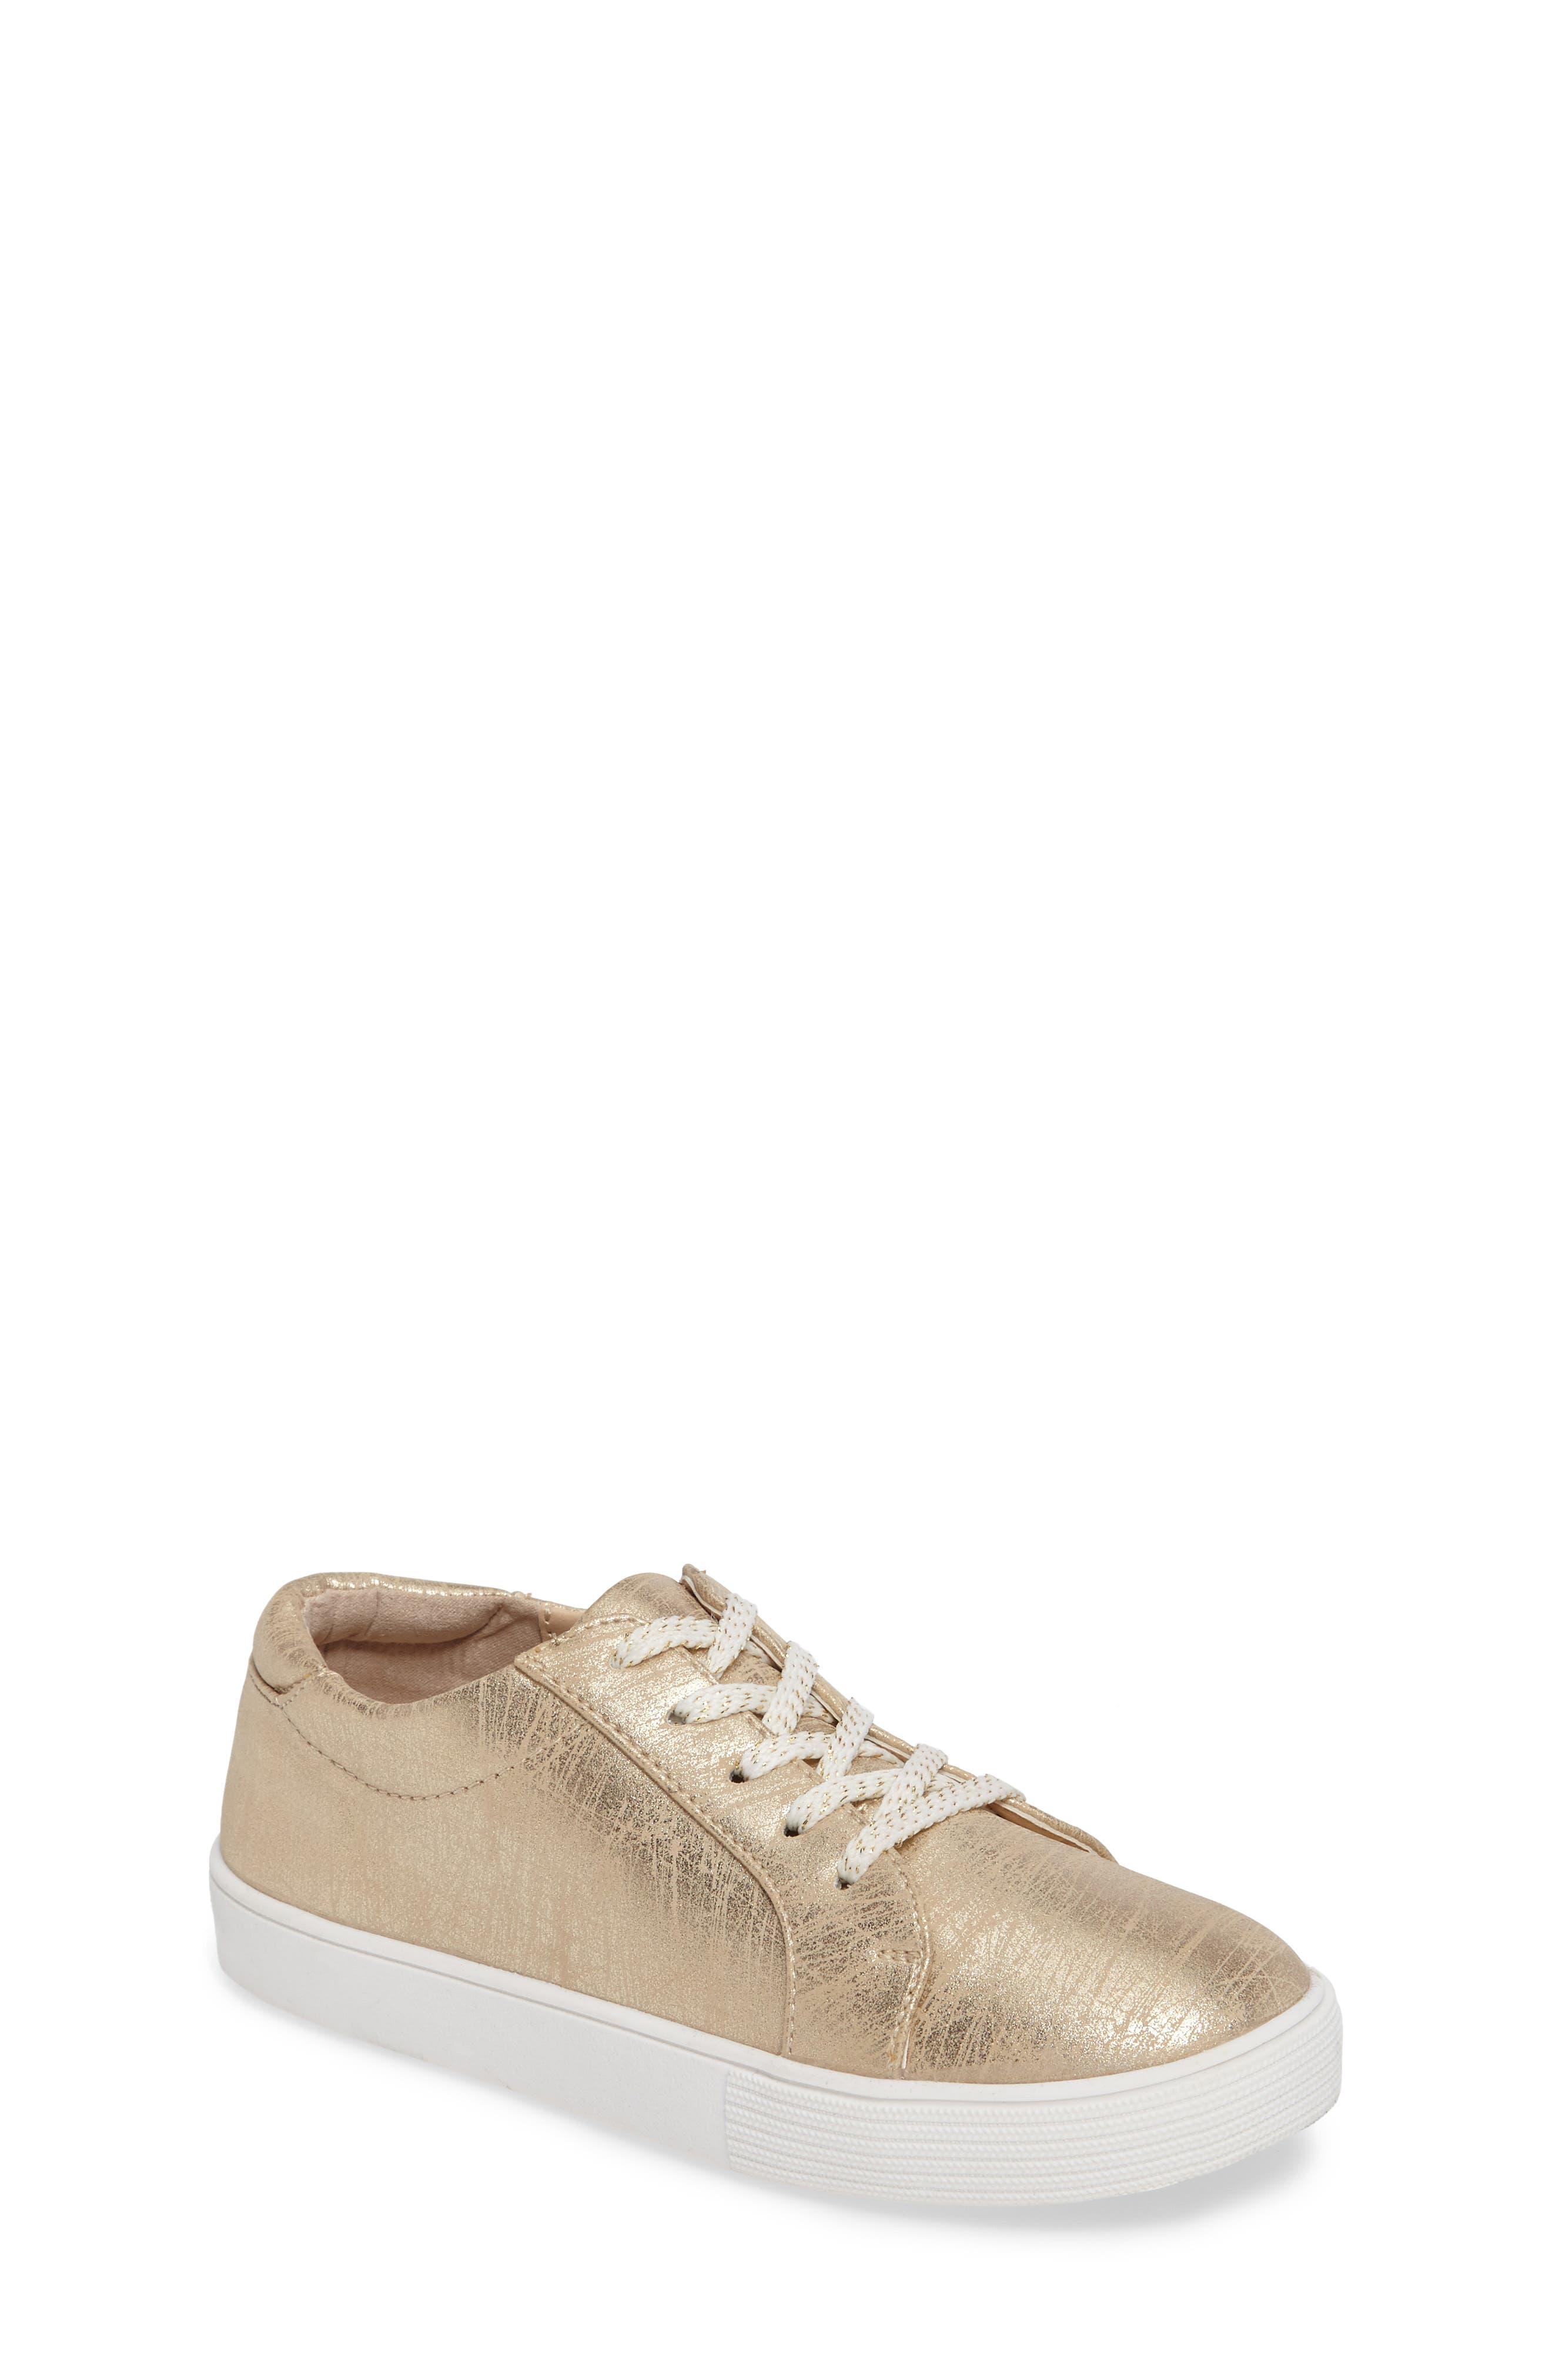 Kam Elastic Sneaker,                             Main thumbnail 1, color,                             Gold Brushed